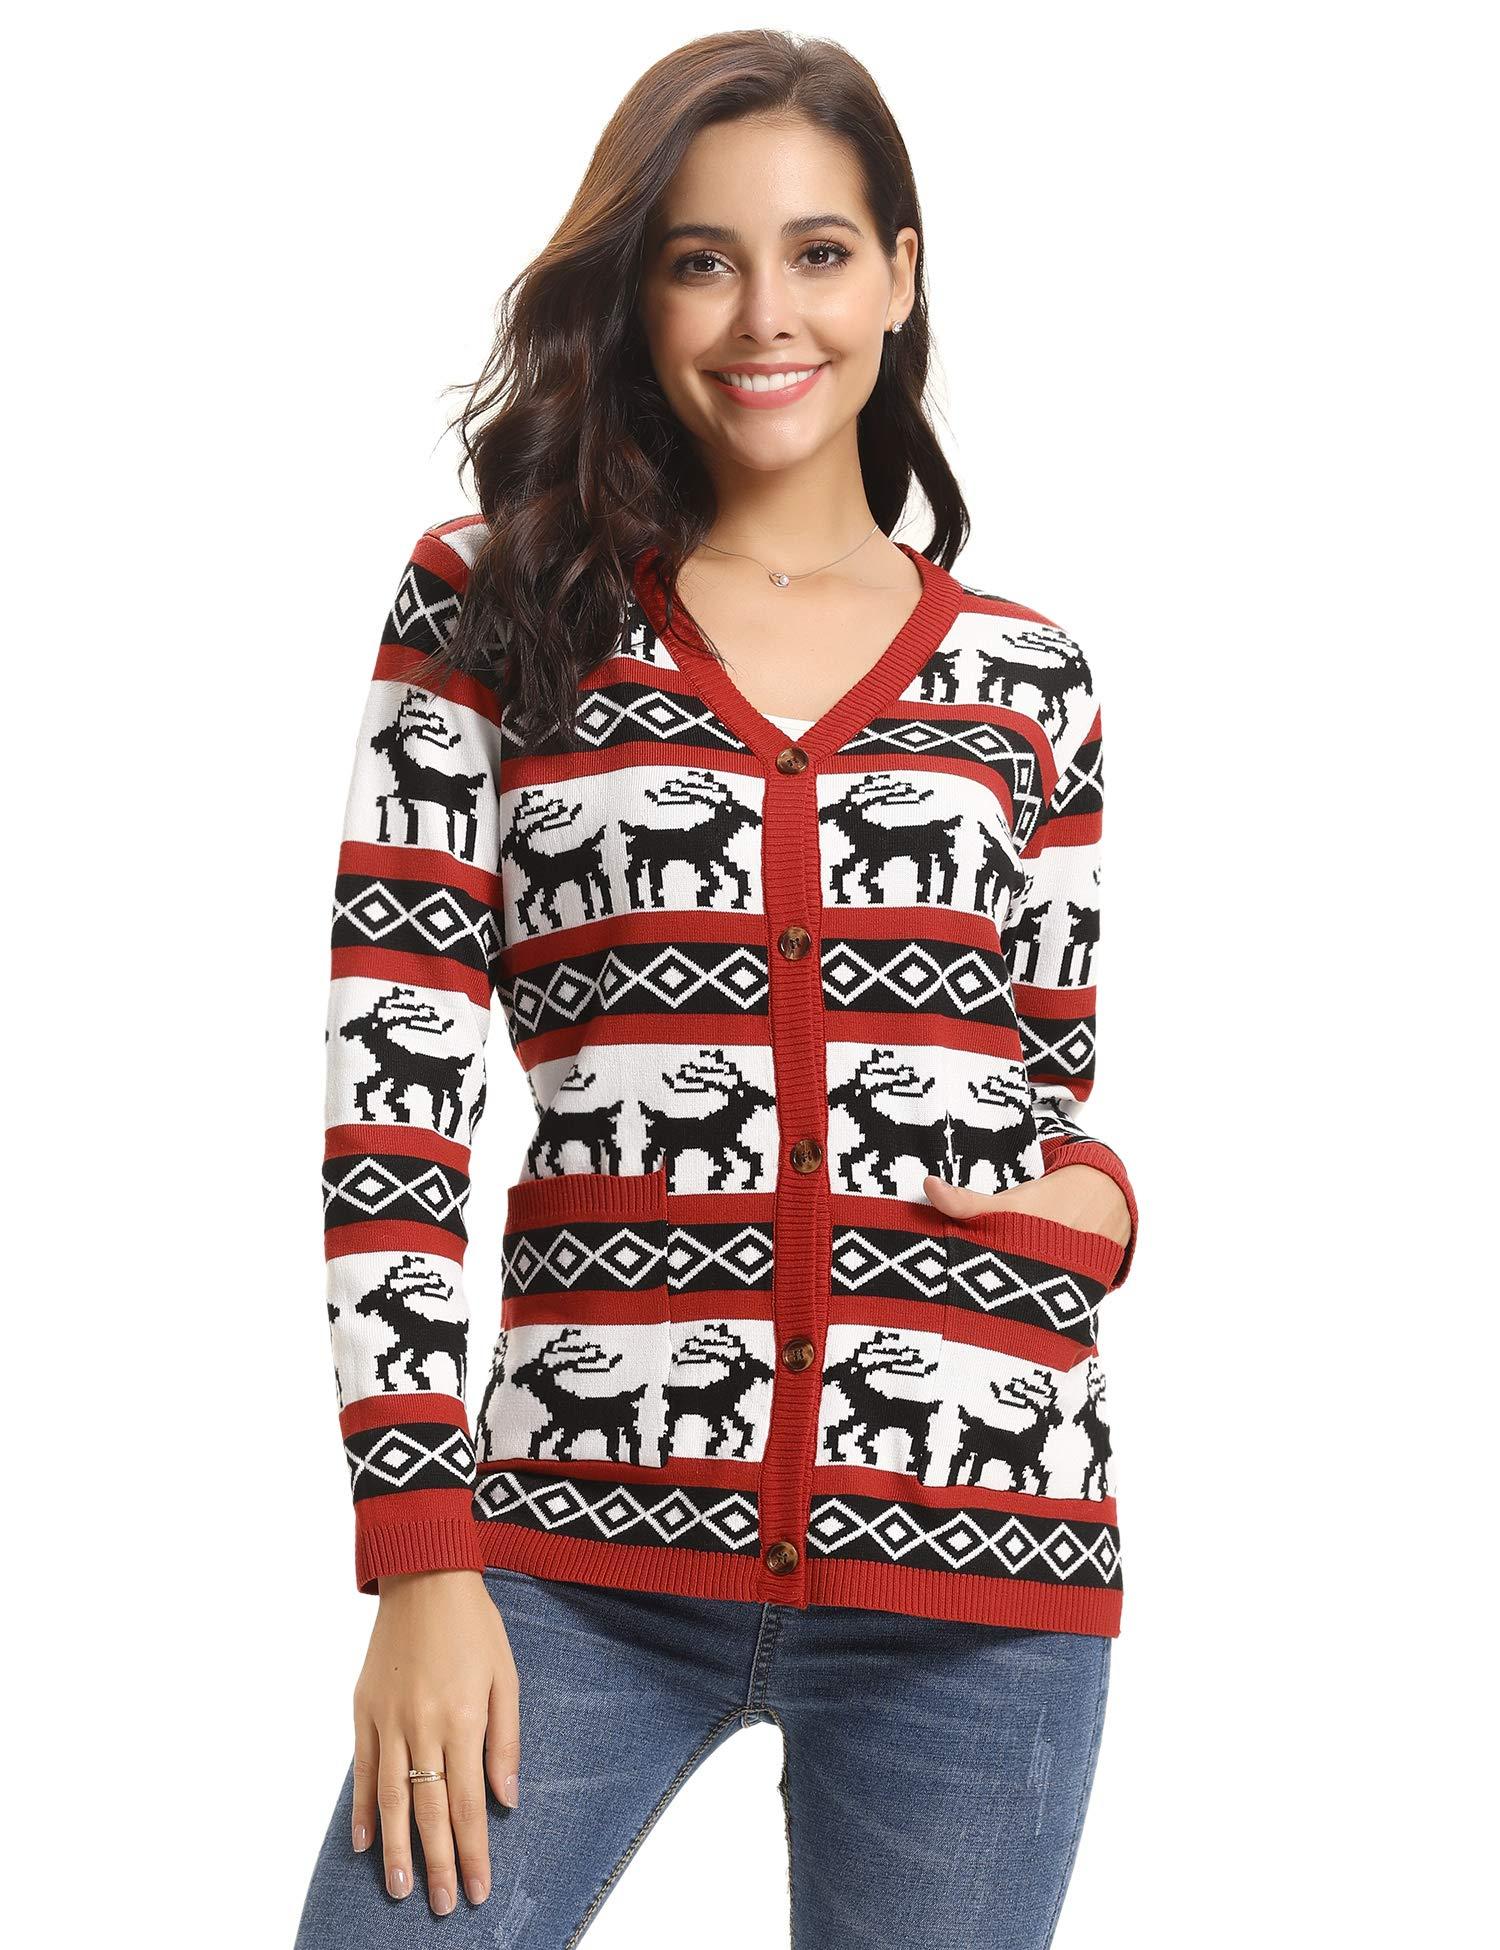 5141c3188846 Abollria Pull Femme Noël Sweater Tricot Coton Joyeux Christmas Top T-Shirt  Motif Flocon de